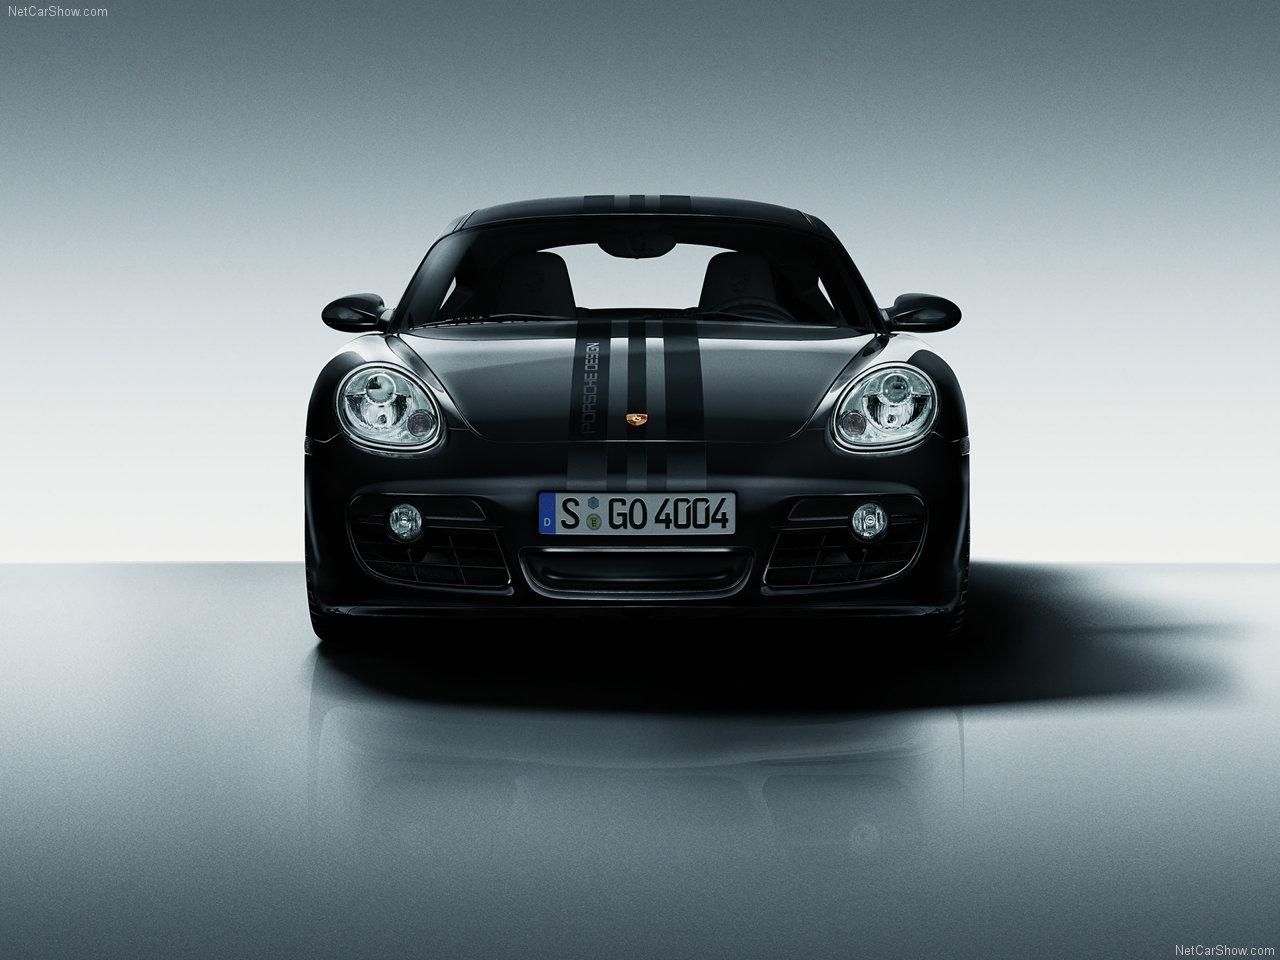 http://3.bp.blogspot.com/-lPiQ0OvVORk/TYoEc6HvW6I/AAAAAAAAC54/eWyUpFX8nFY/s1600/Porsche-Cayman_S_Porsche_Design_Edition_1_2008_1280x960_wallpaper_01.jpg